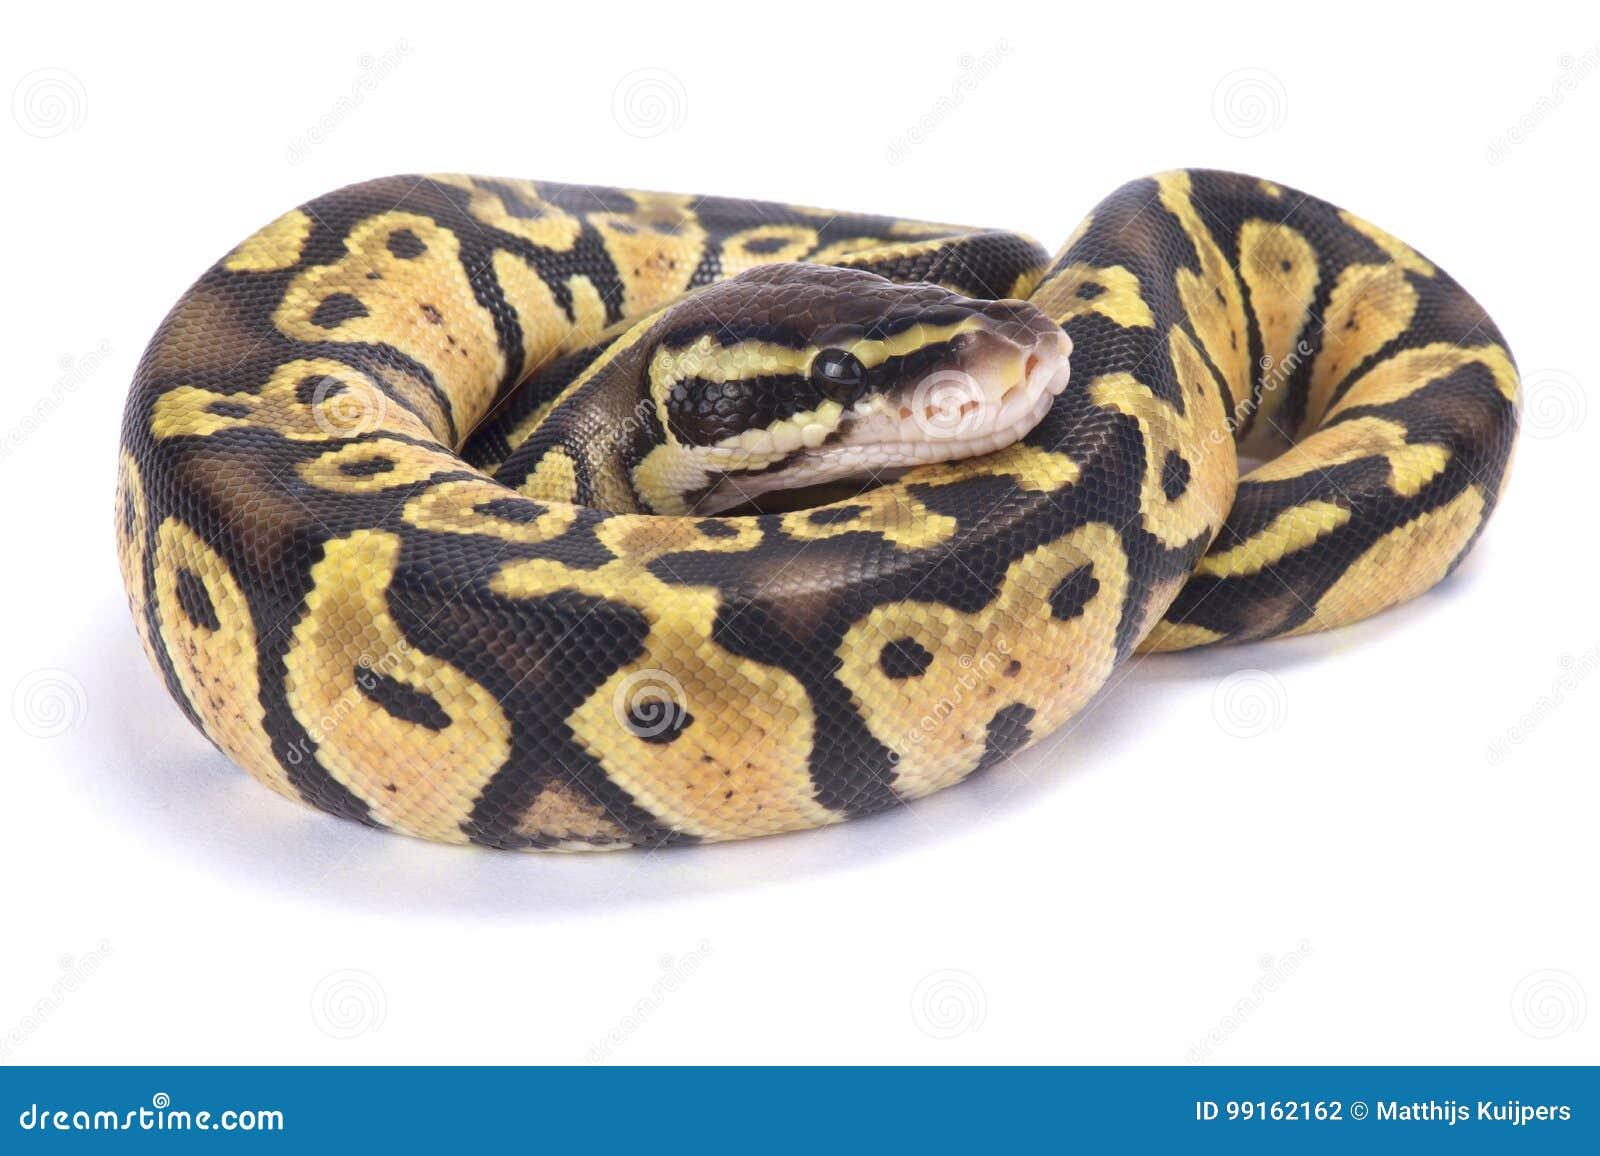 Ballpythonschlange, Pythonschlange königlich